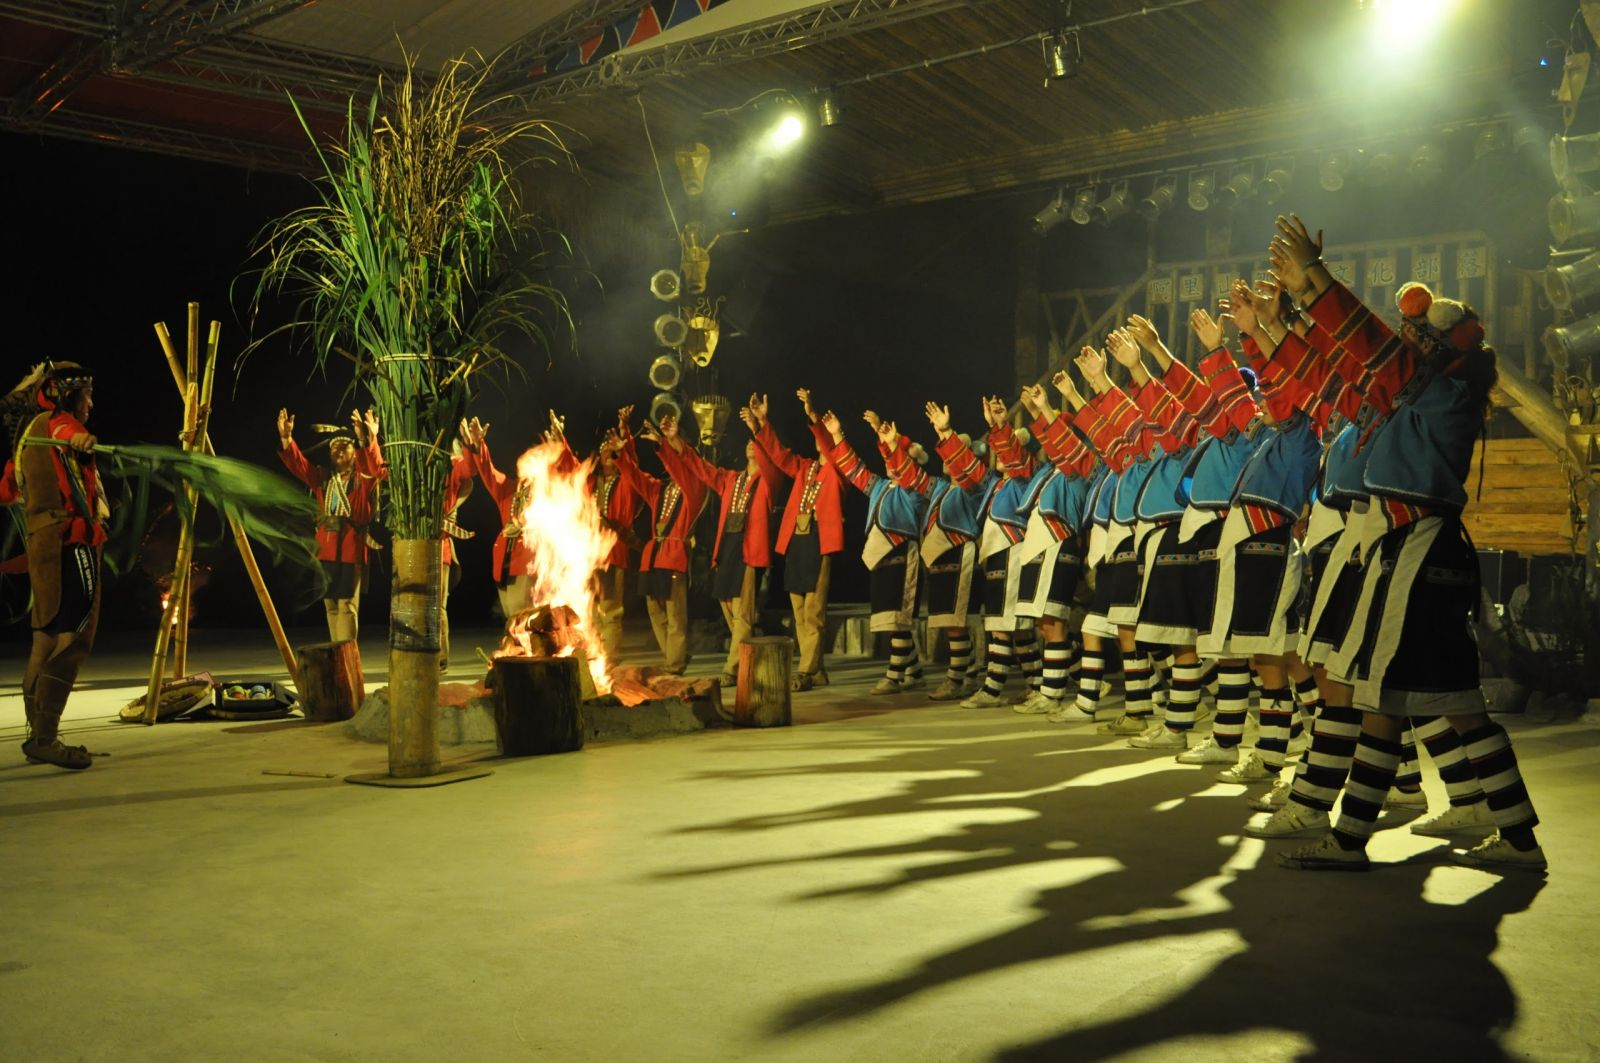 優遊吧斯阿里山鄒族文化部落 其他圖片2